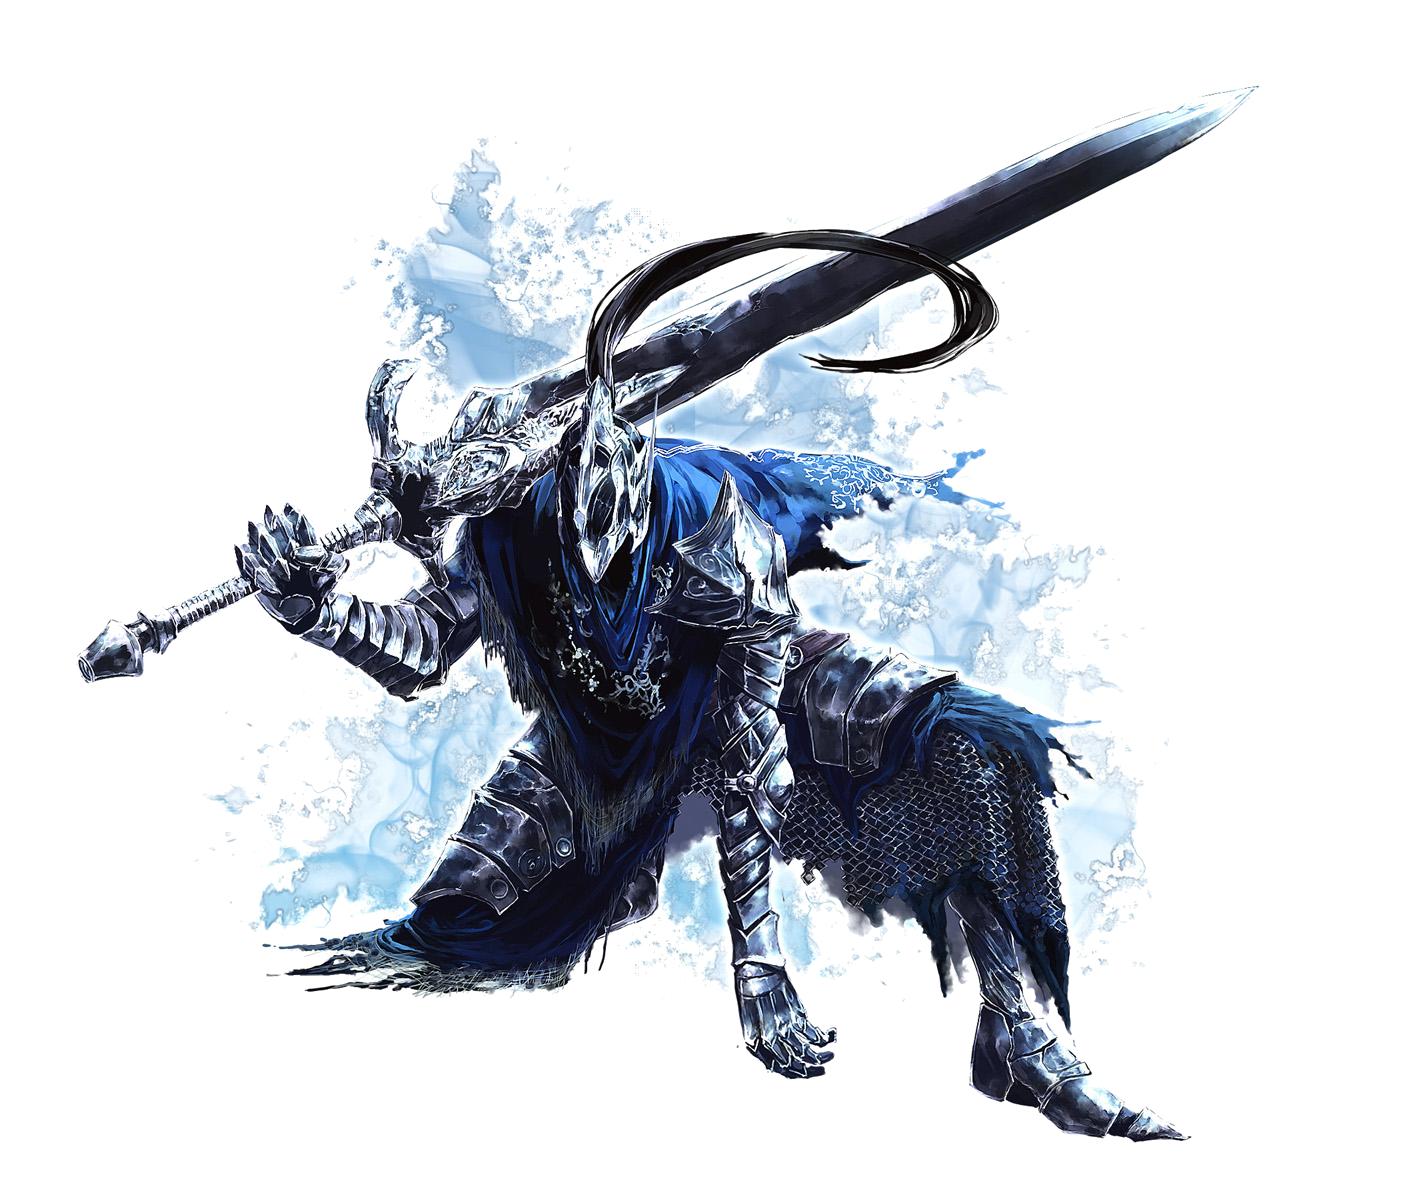 Dark Souls Artorias PNG Image - Dark Souls PNG